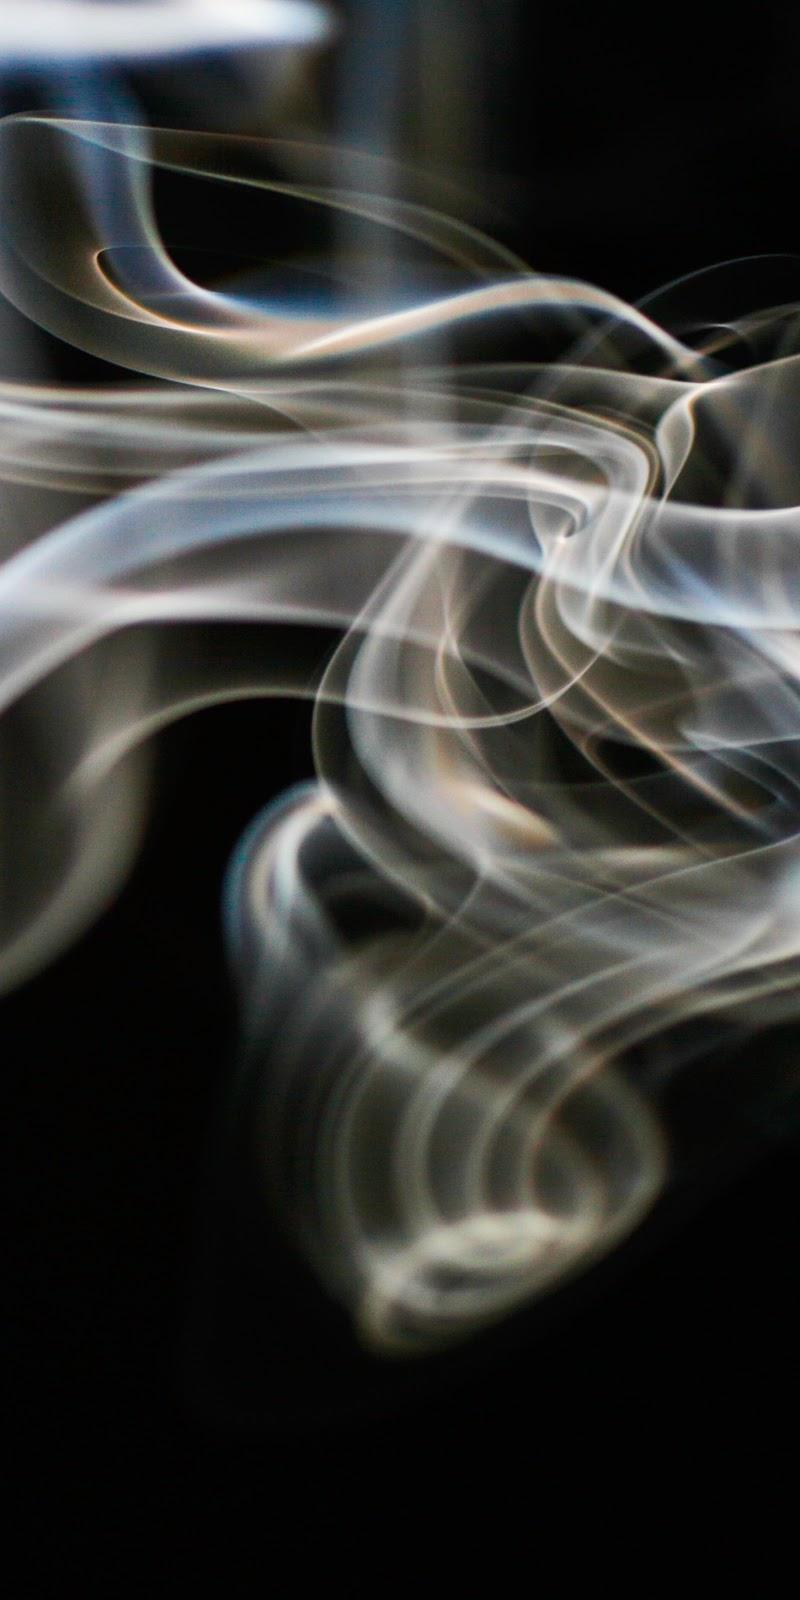 Wallpaper, sfondi iPhone, fumo, astratto